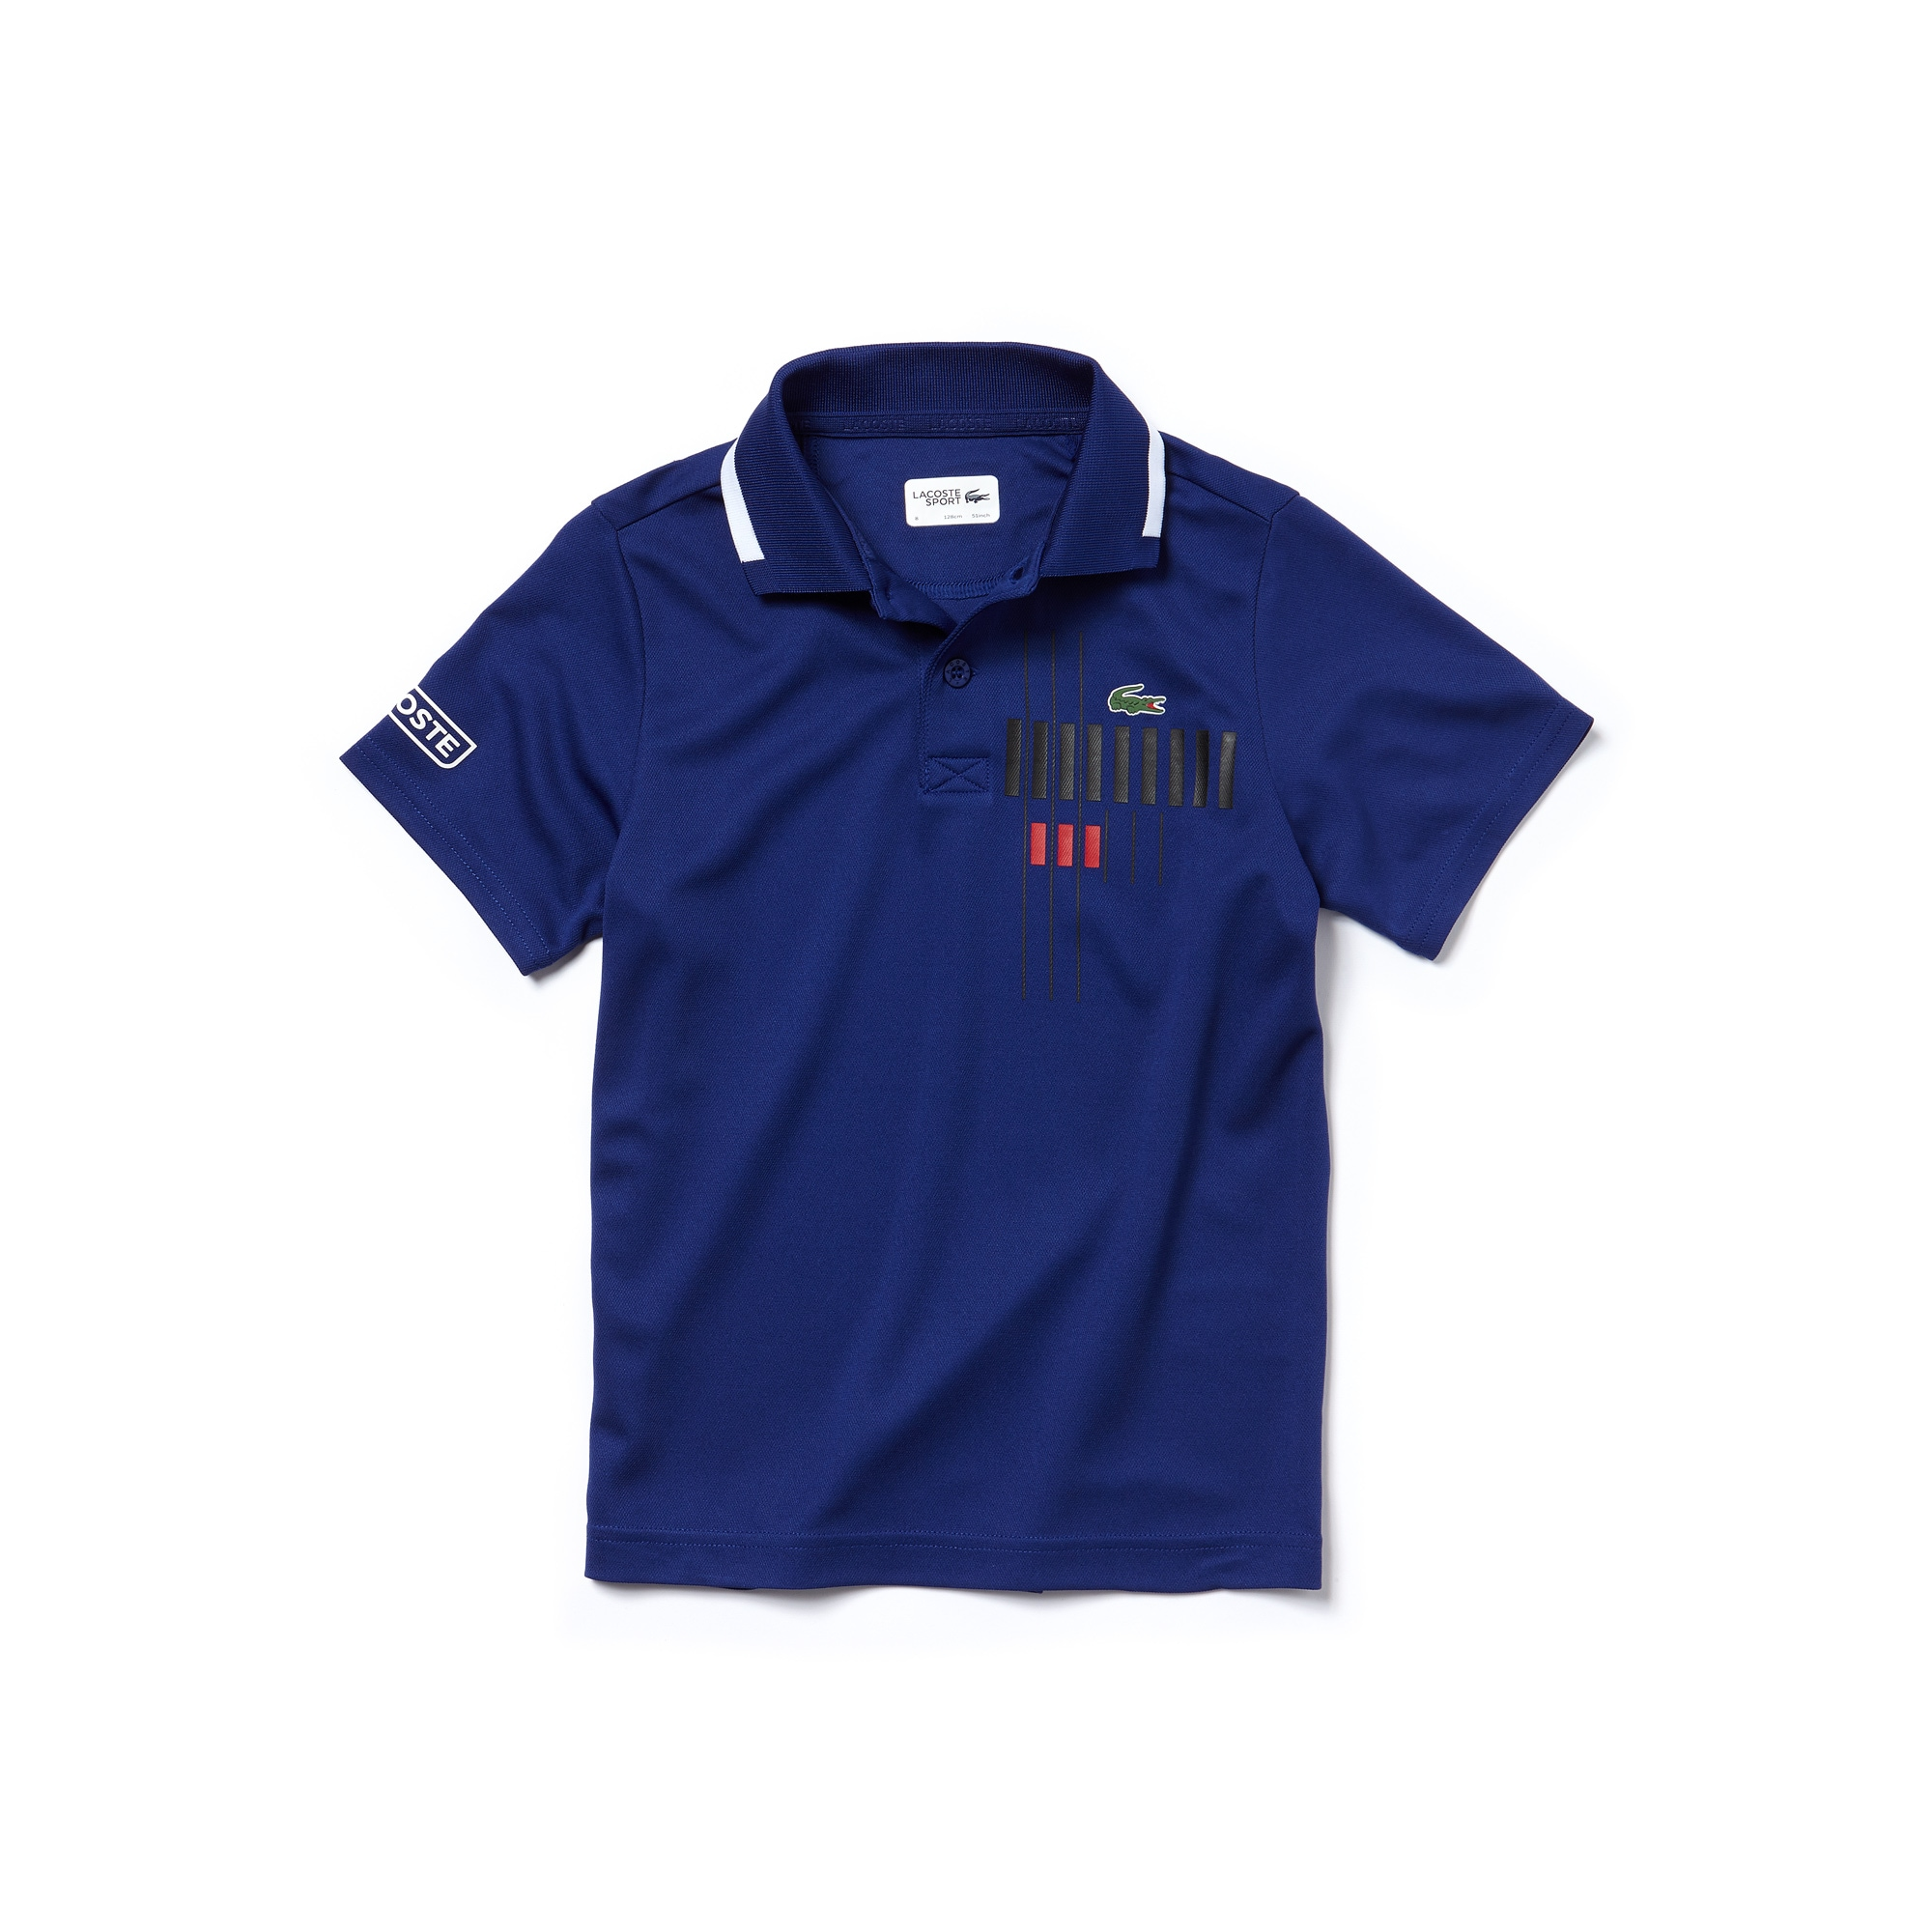 Jungen-Poloshirt aus Funktionspiqué LACOSTE SPORT TENNIS